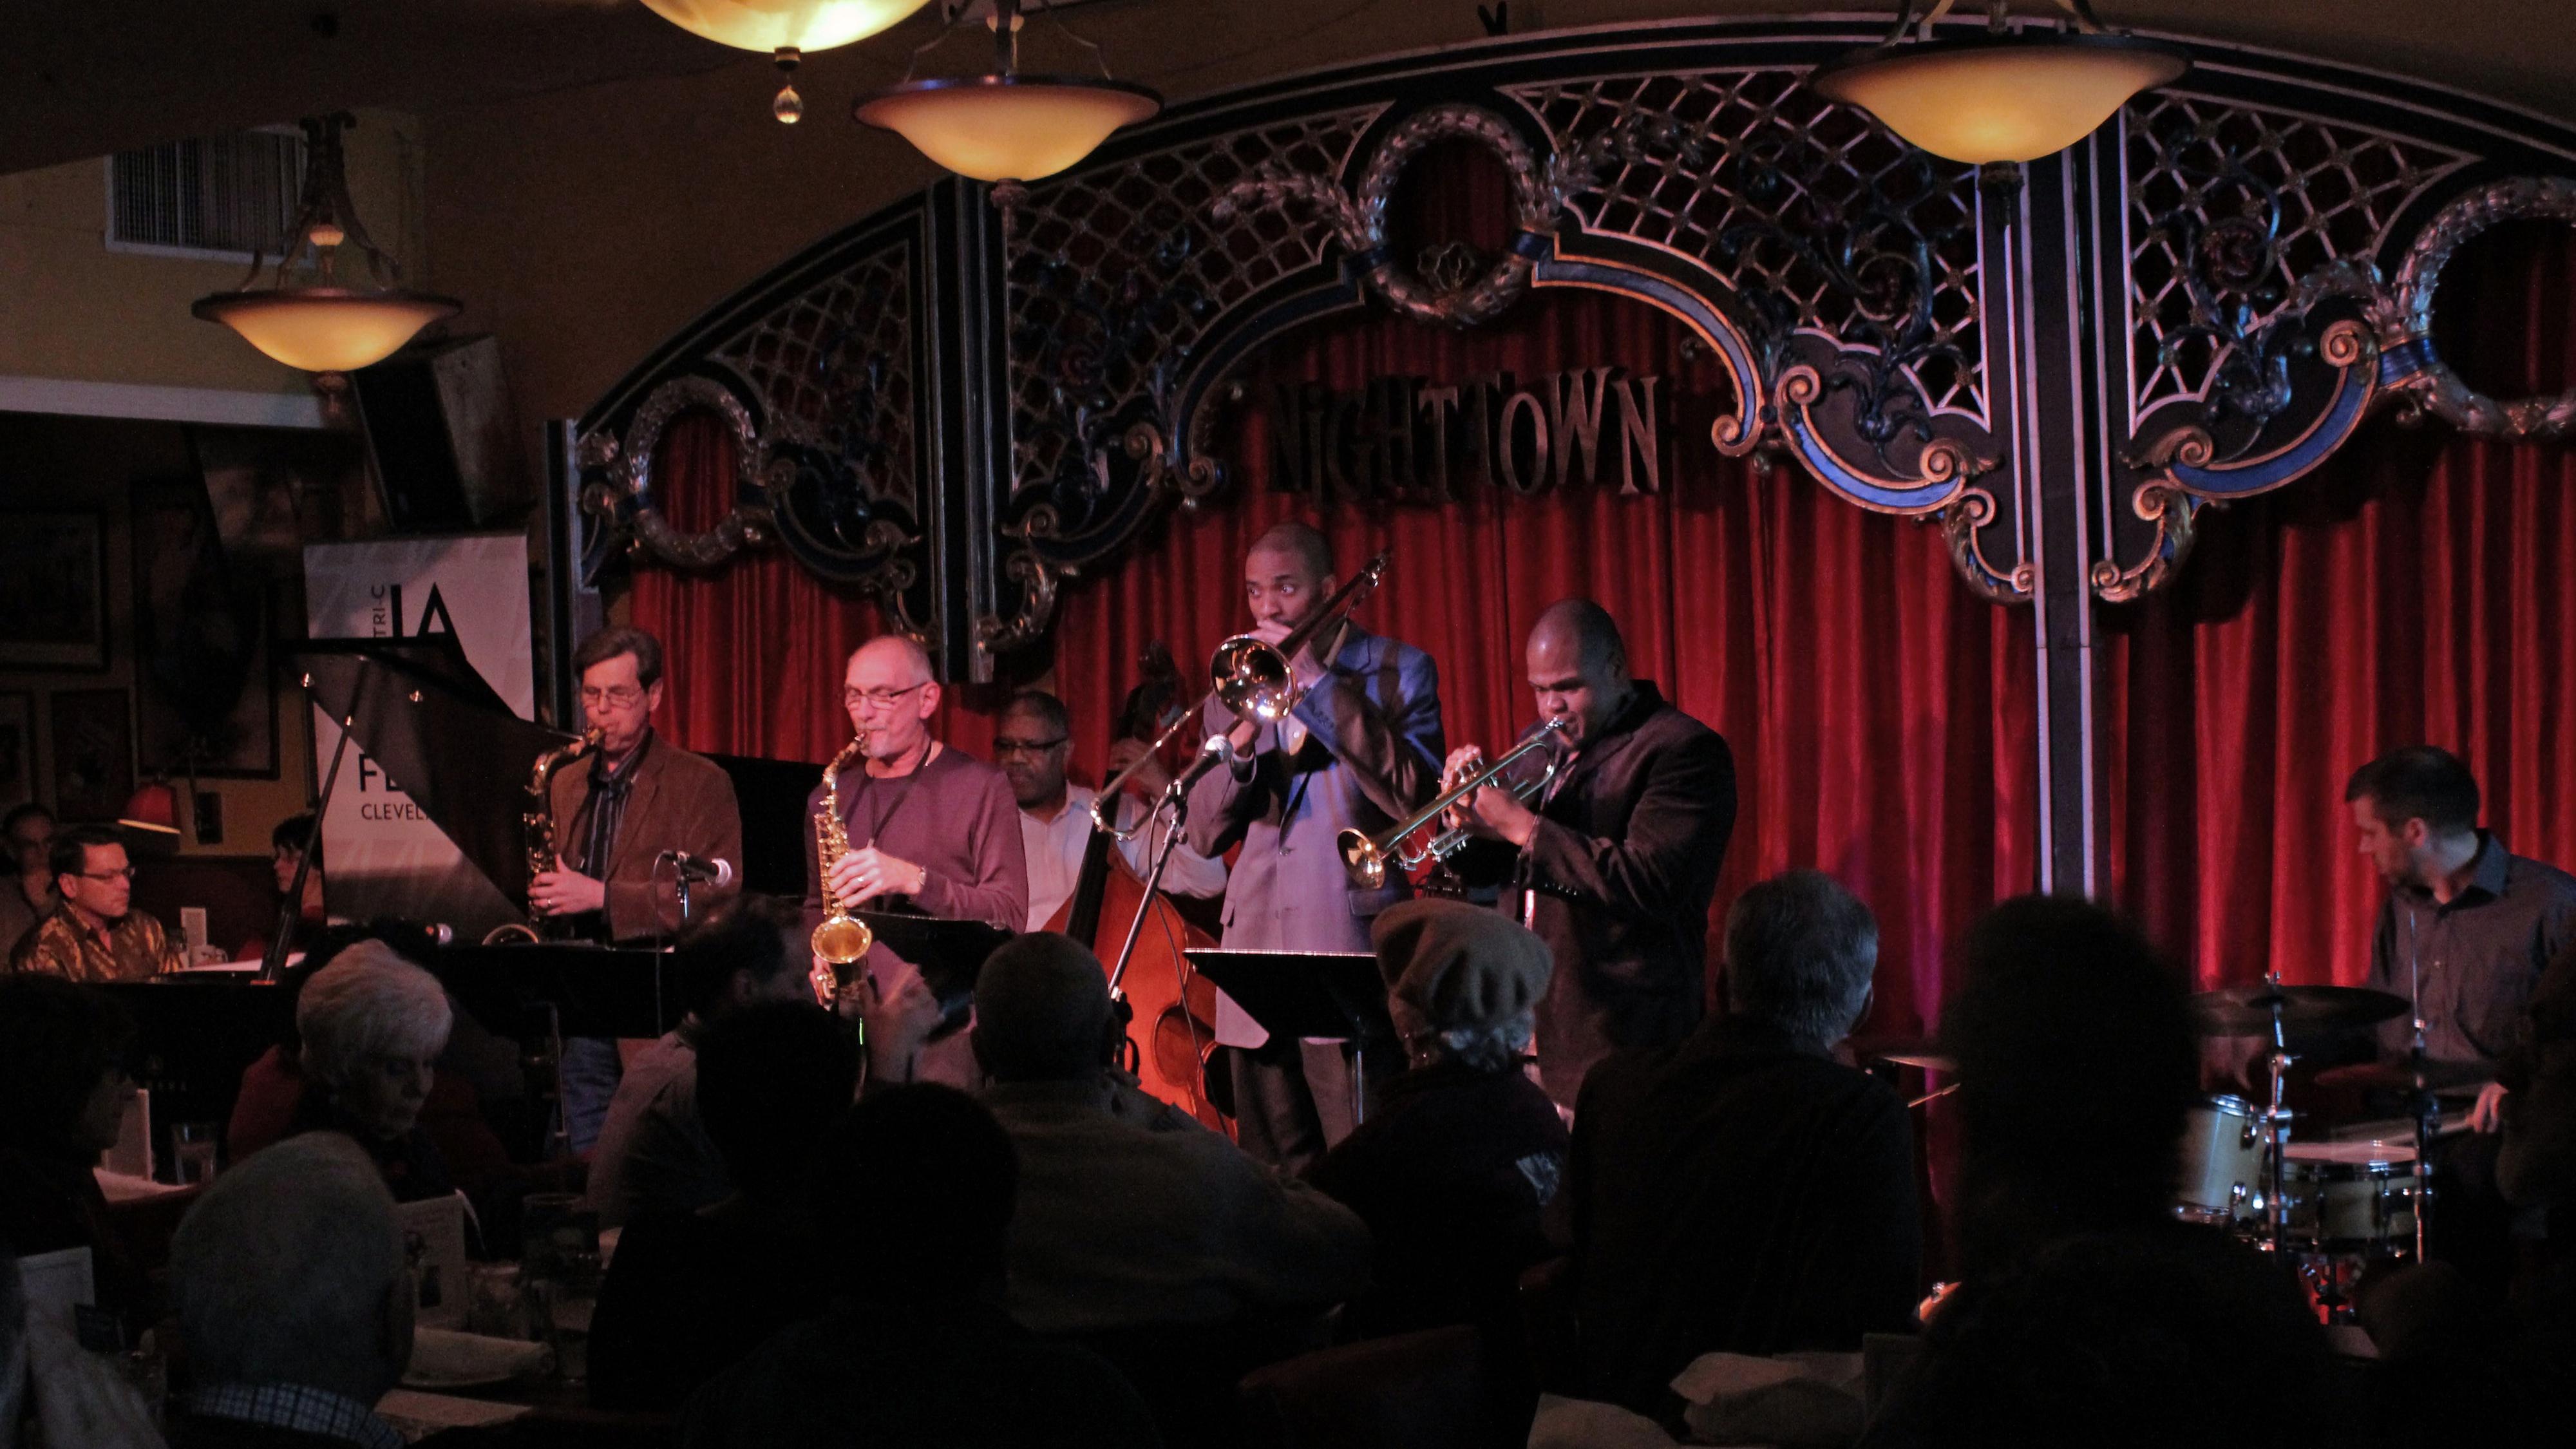 Tcjf soundsworks at tri-c jazzfest cleveland 2013